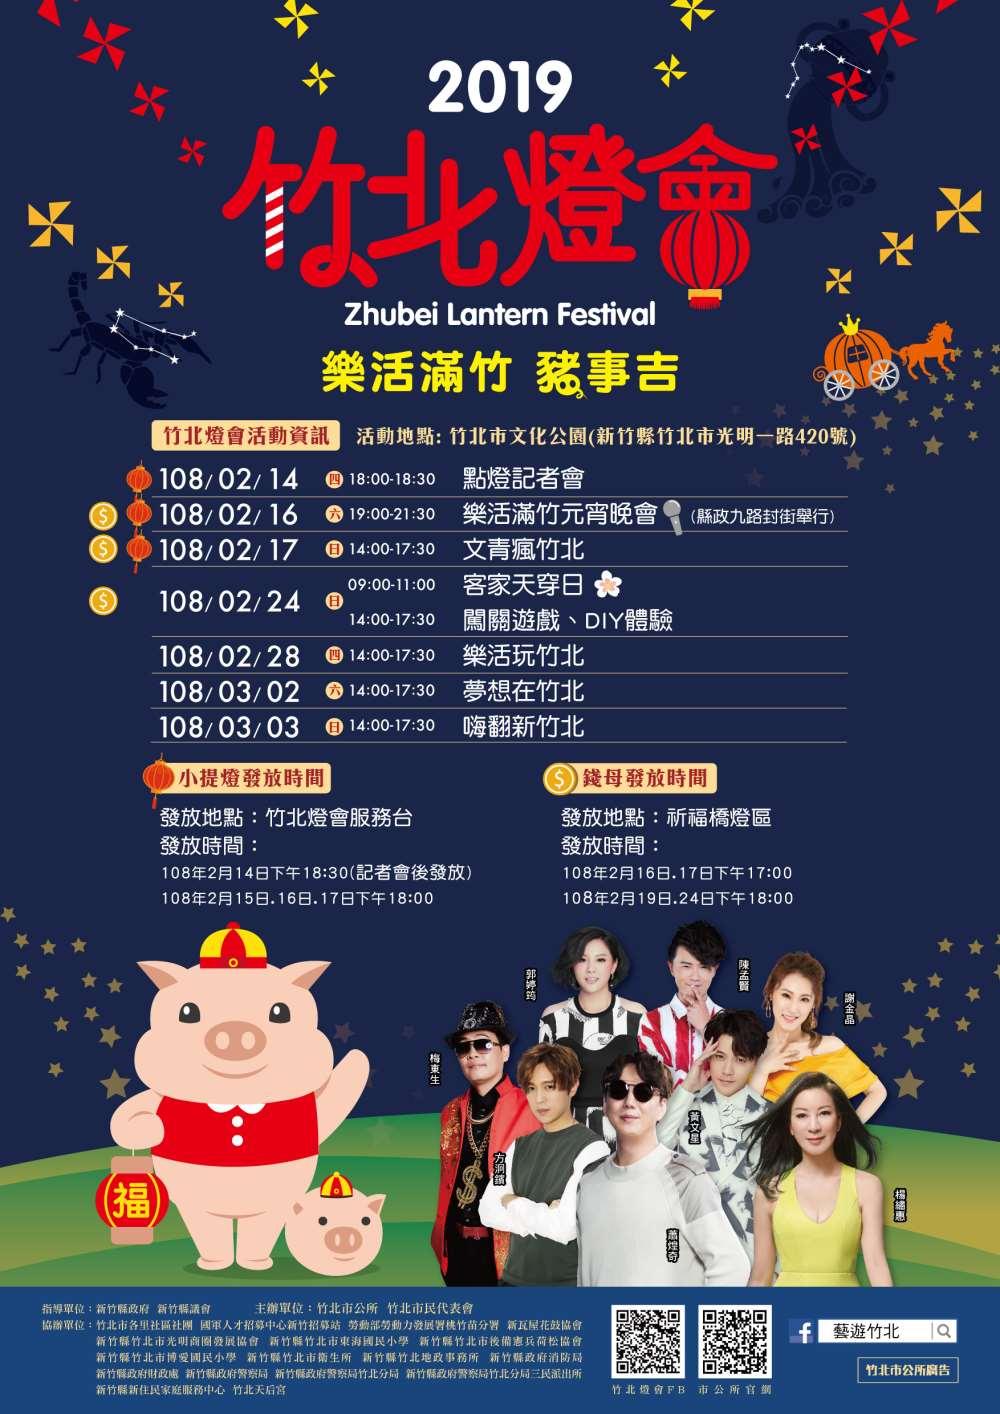 2019竹北燈會-樂活滿竹,諸事吉(新竹元宵燈會)